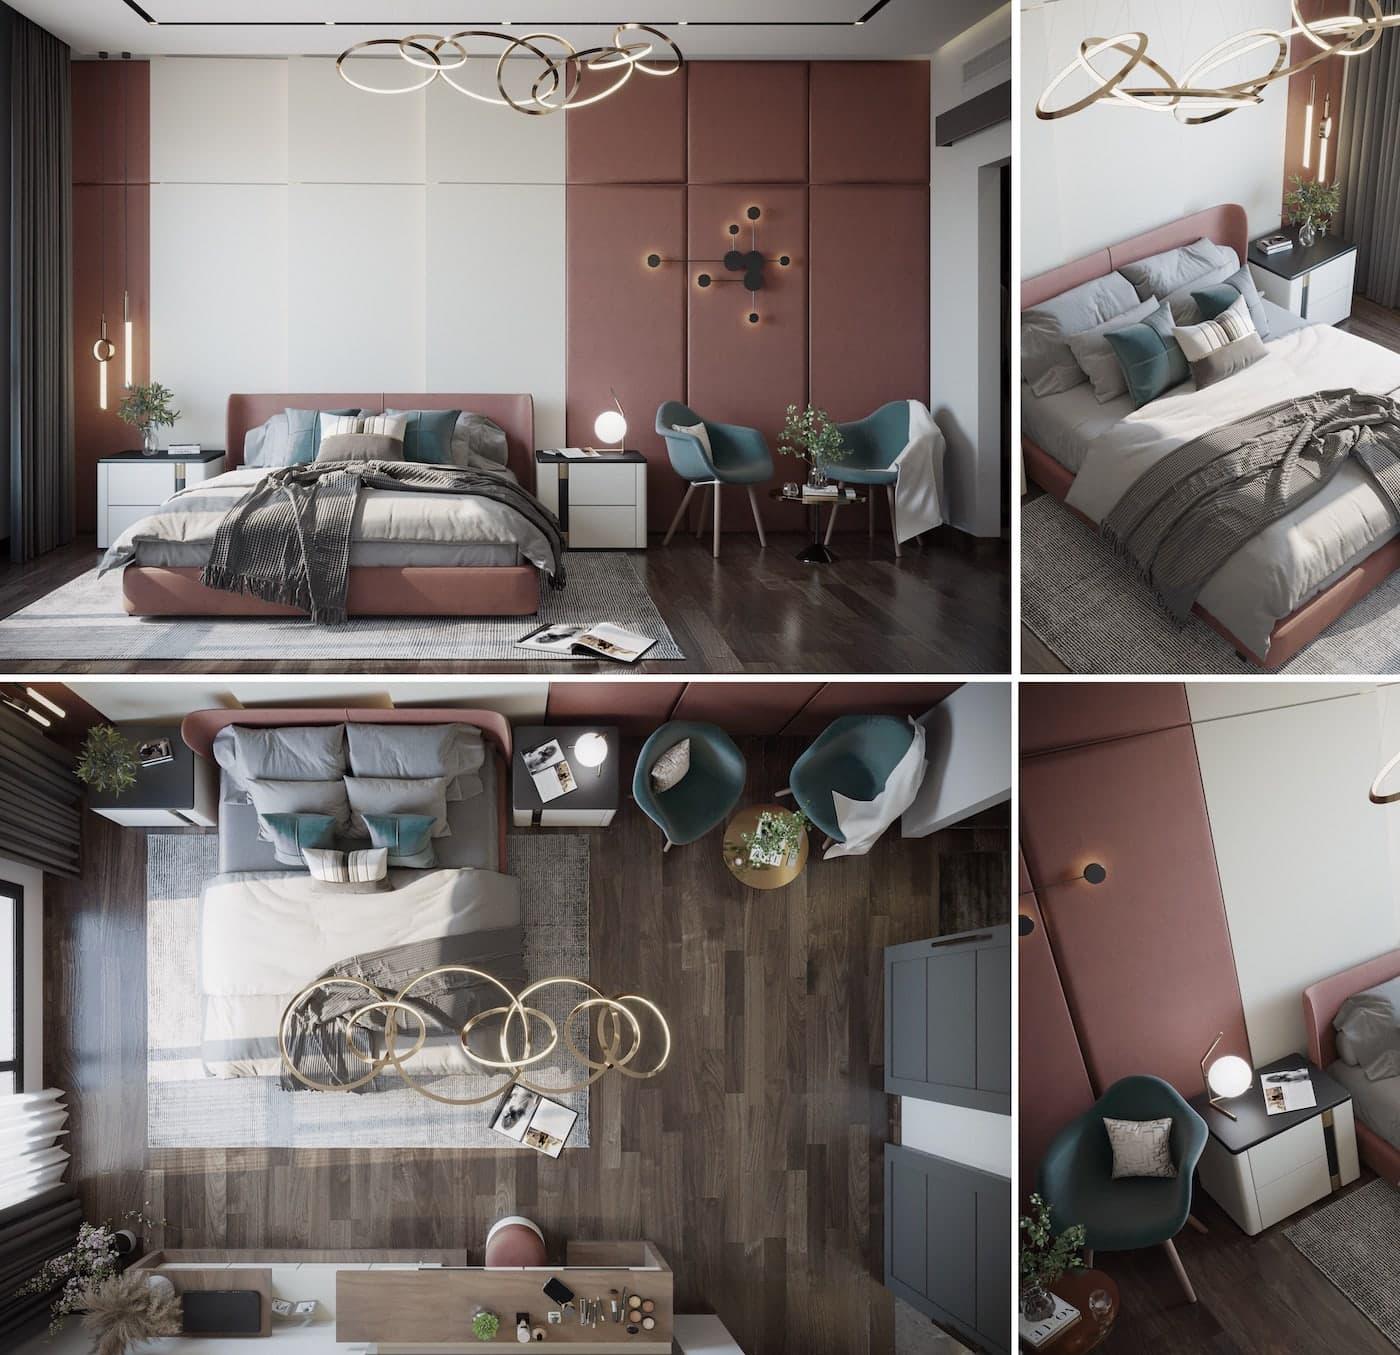 освещение в спальне фото 2